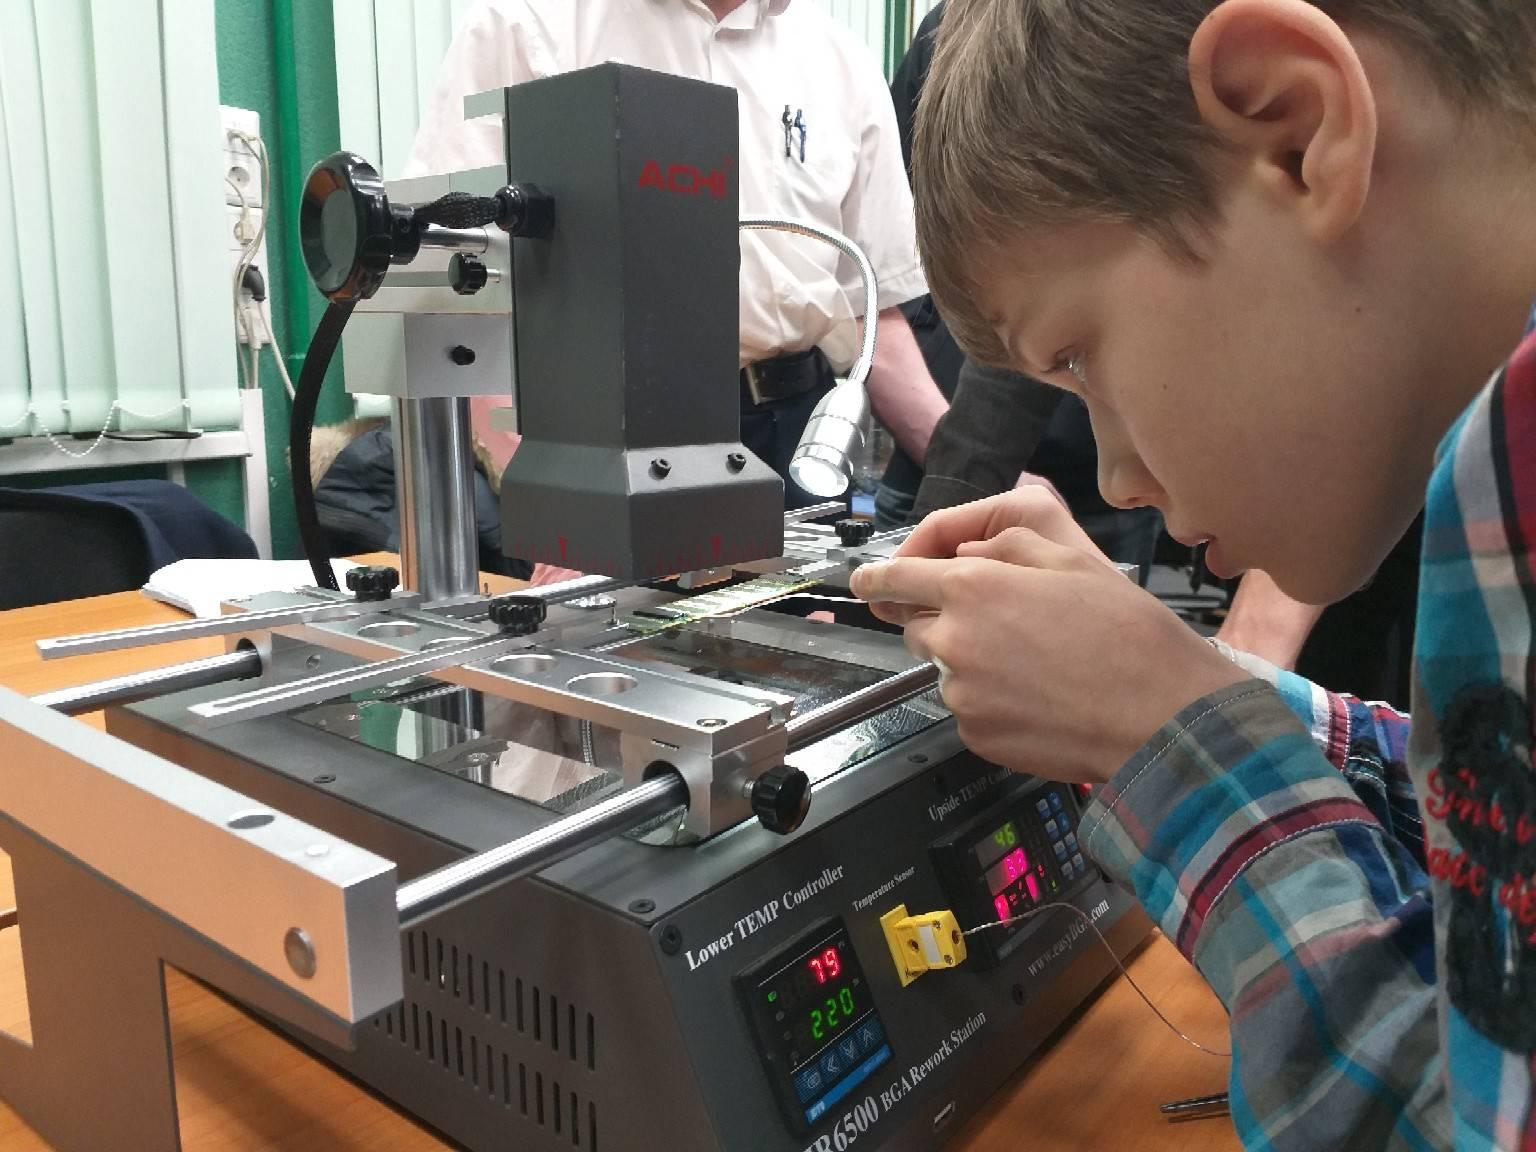 Региональный конкурс для школьников и студентов «Я — радиоинженер» стартовал в вузе